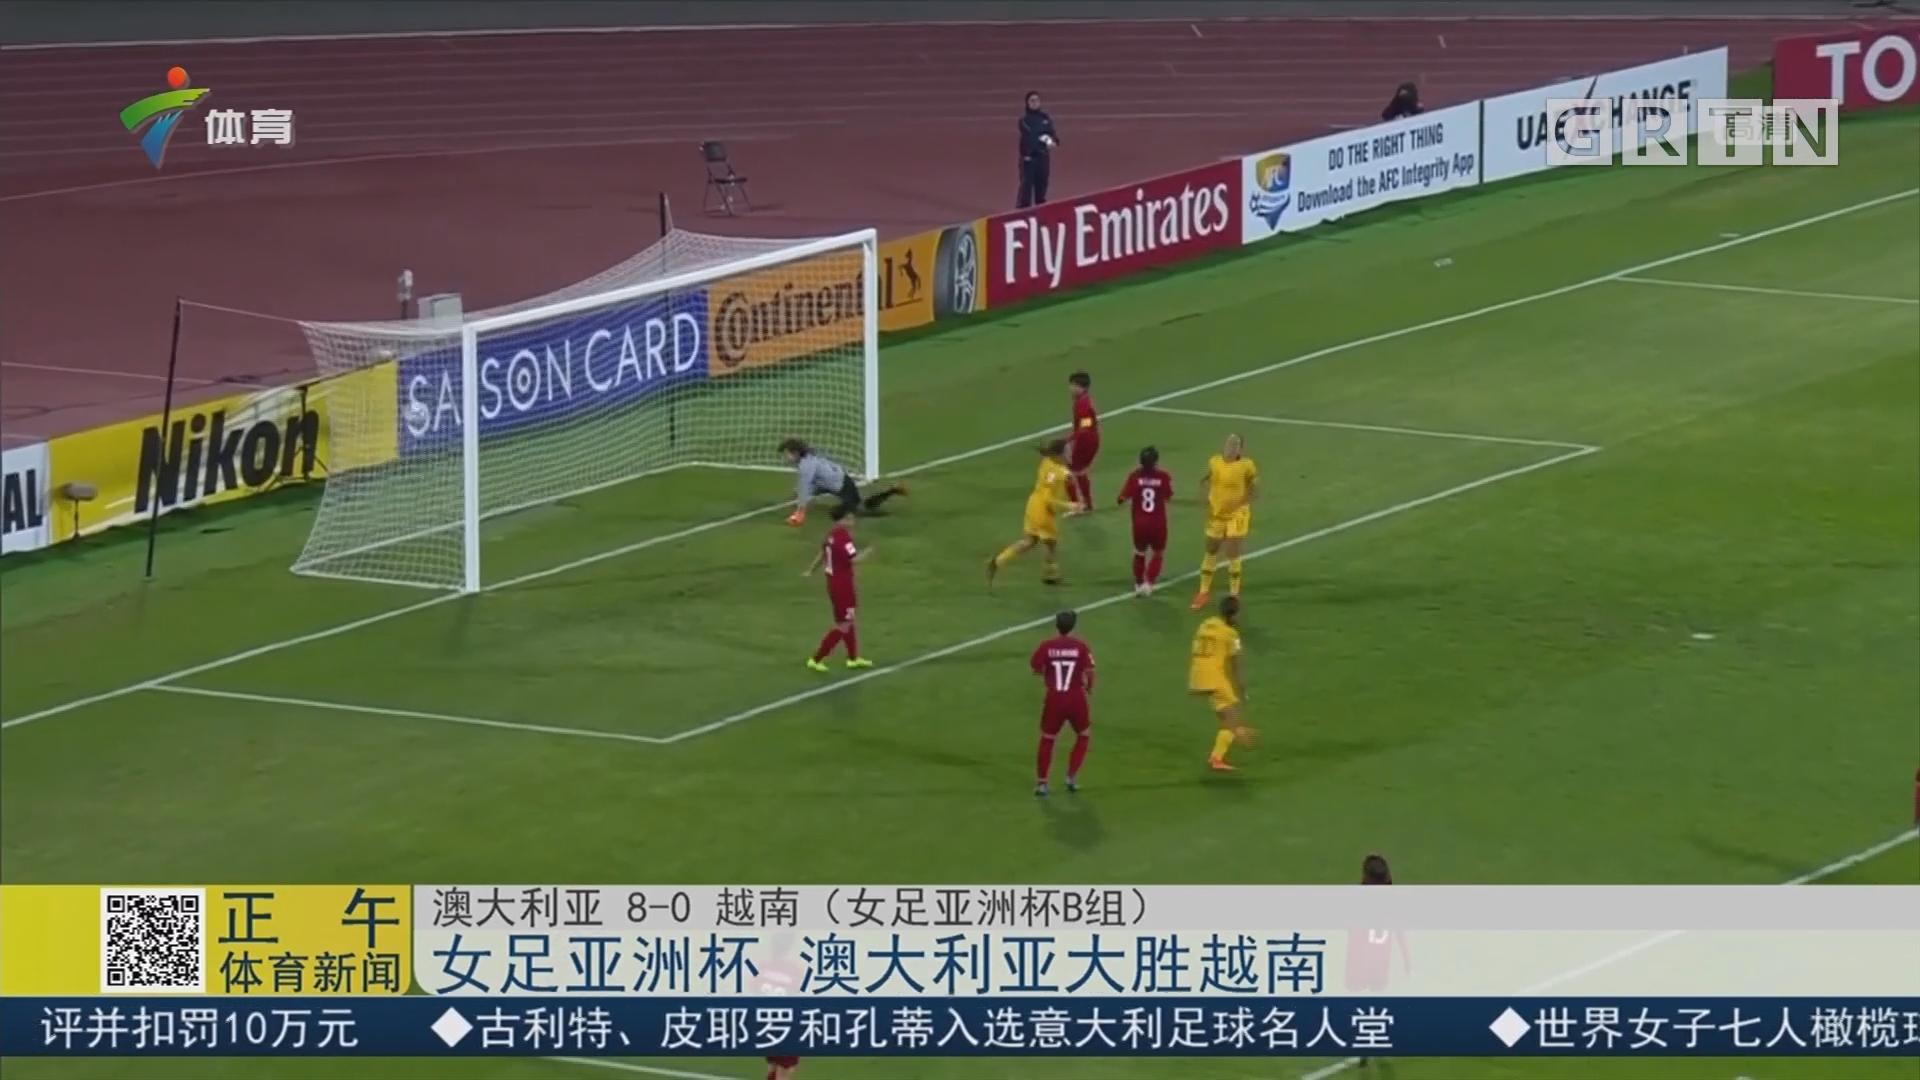 女足亚洲杯 澳大利亚大胜越南